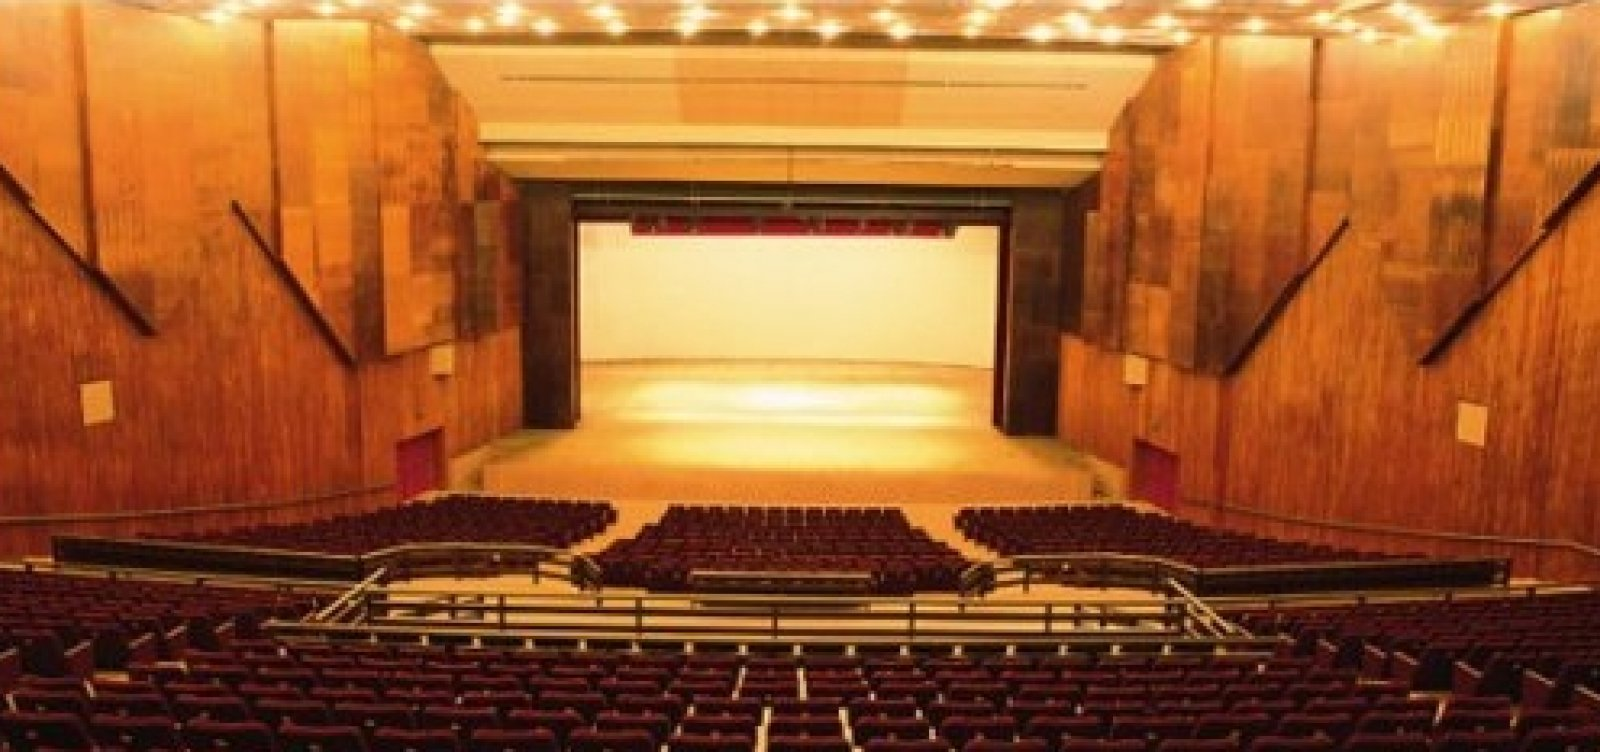 Forro do Teatro Castro Alves ameaça desabar, diz site; assessoria nega